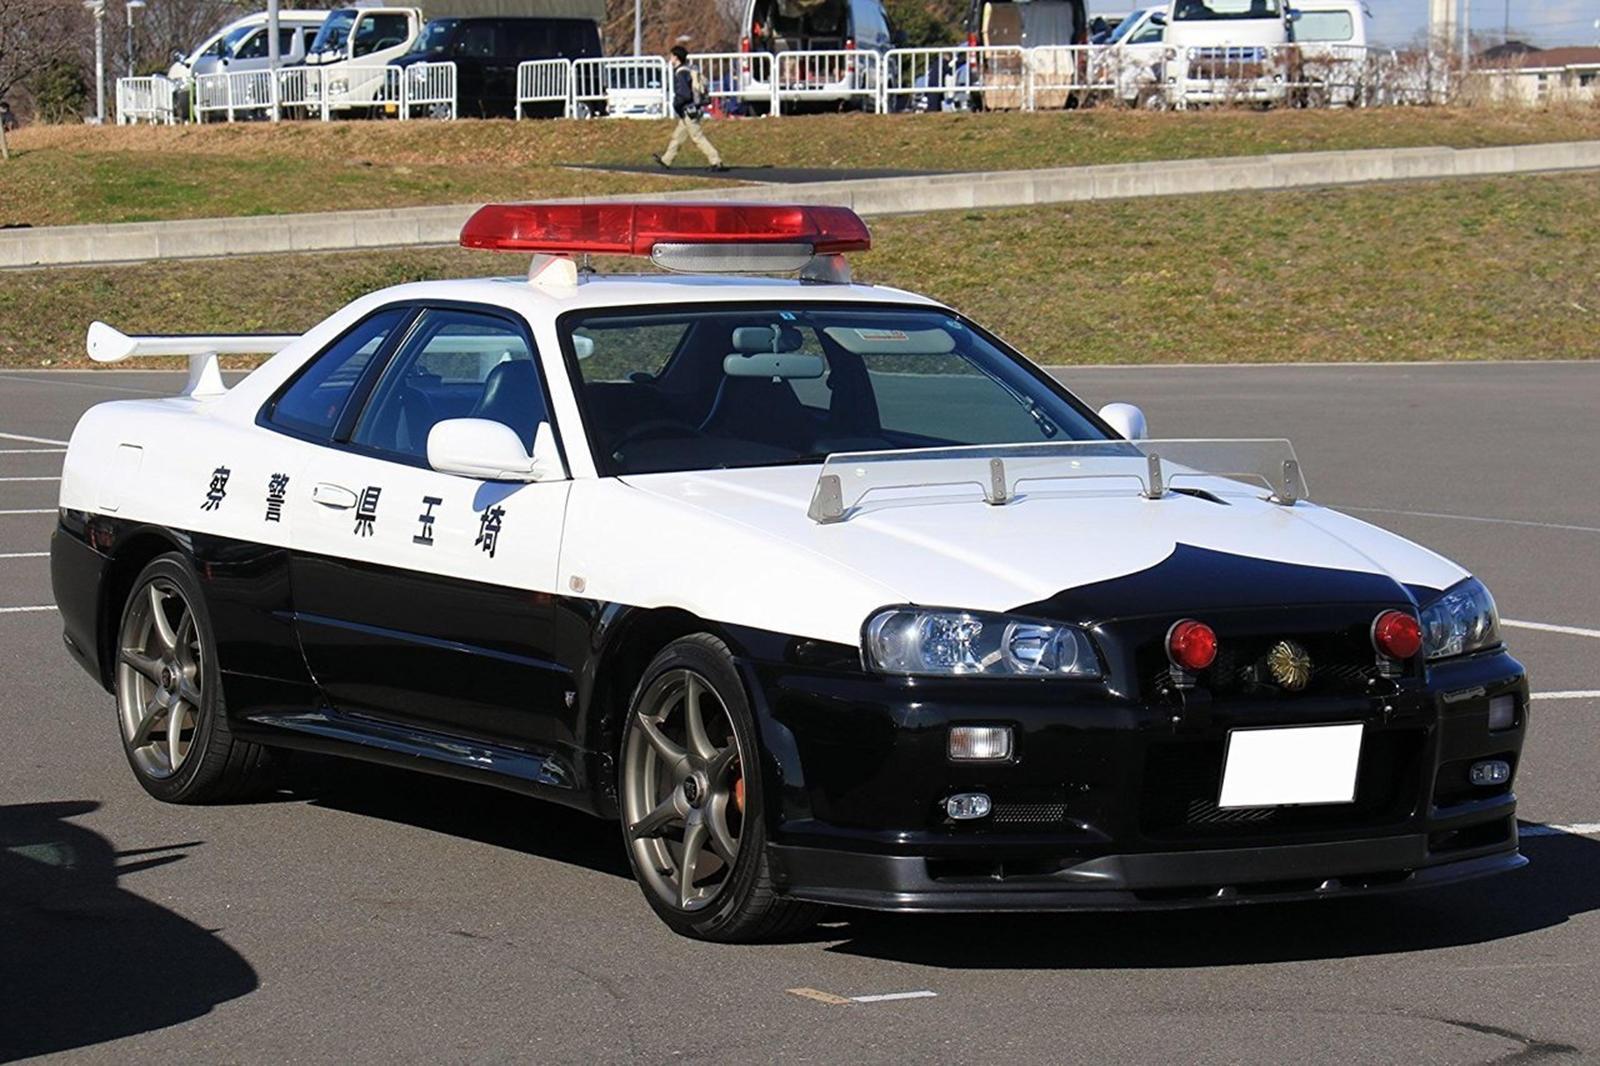 5858-japan-police